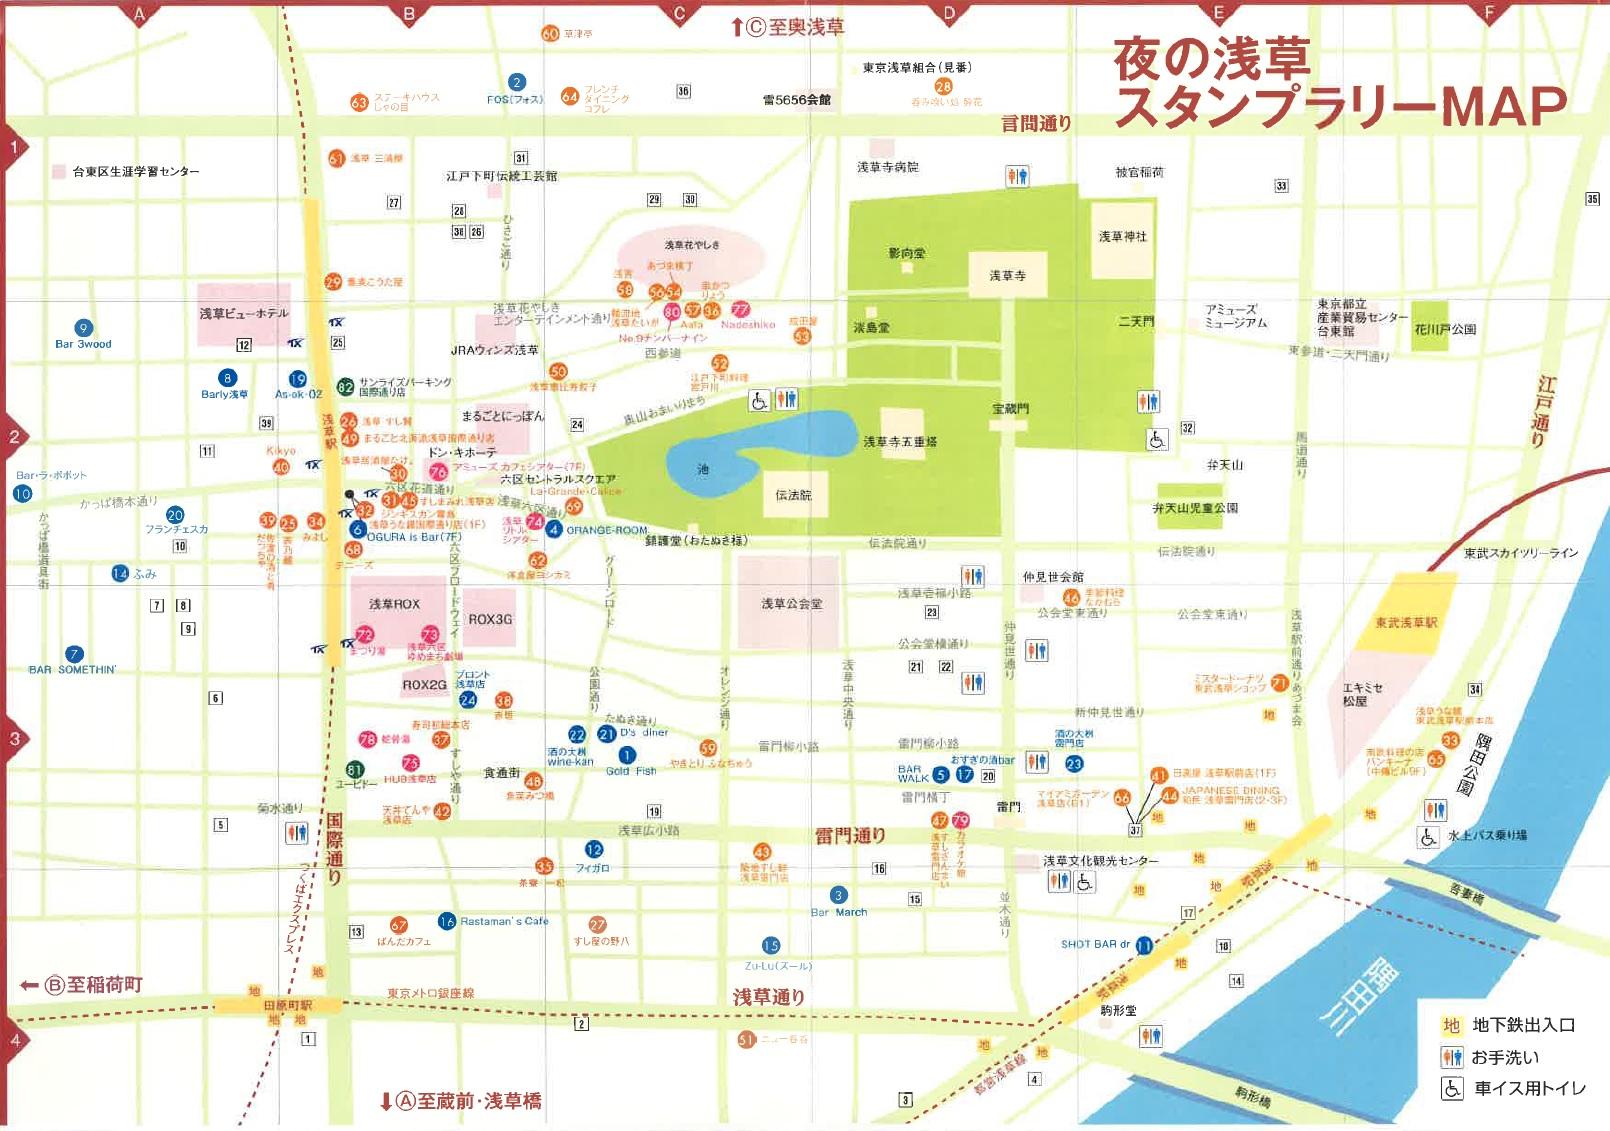 夜の浅草スタンプラリー店舗Map